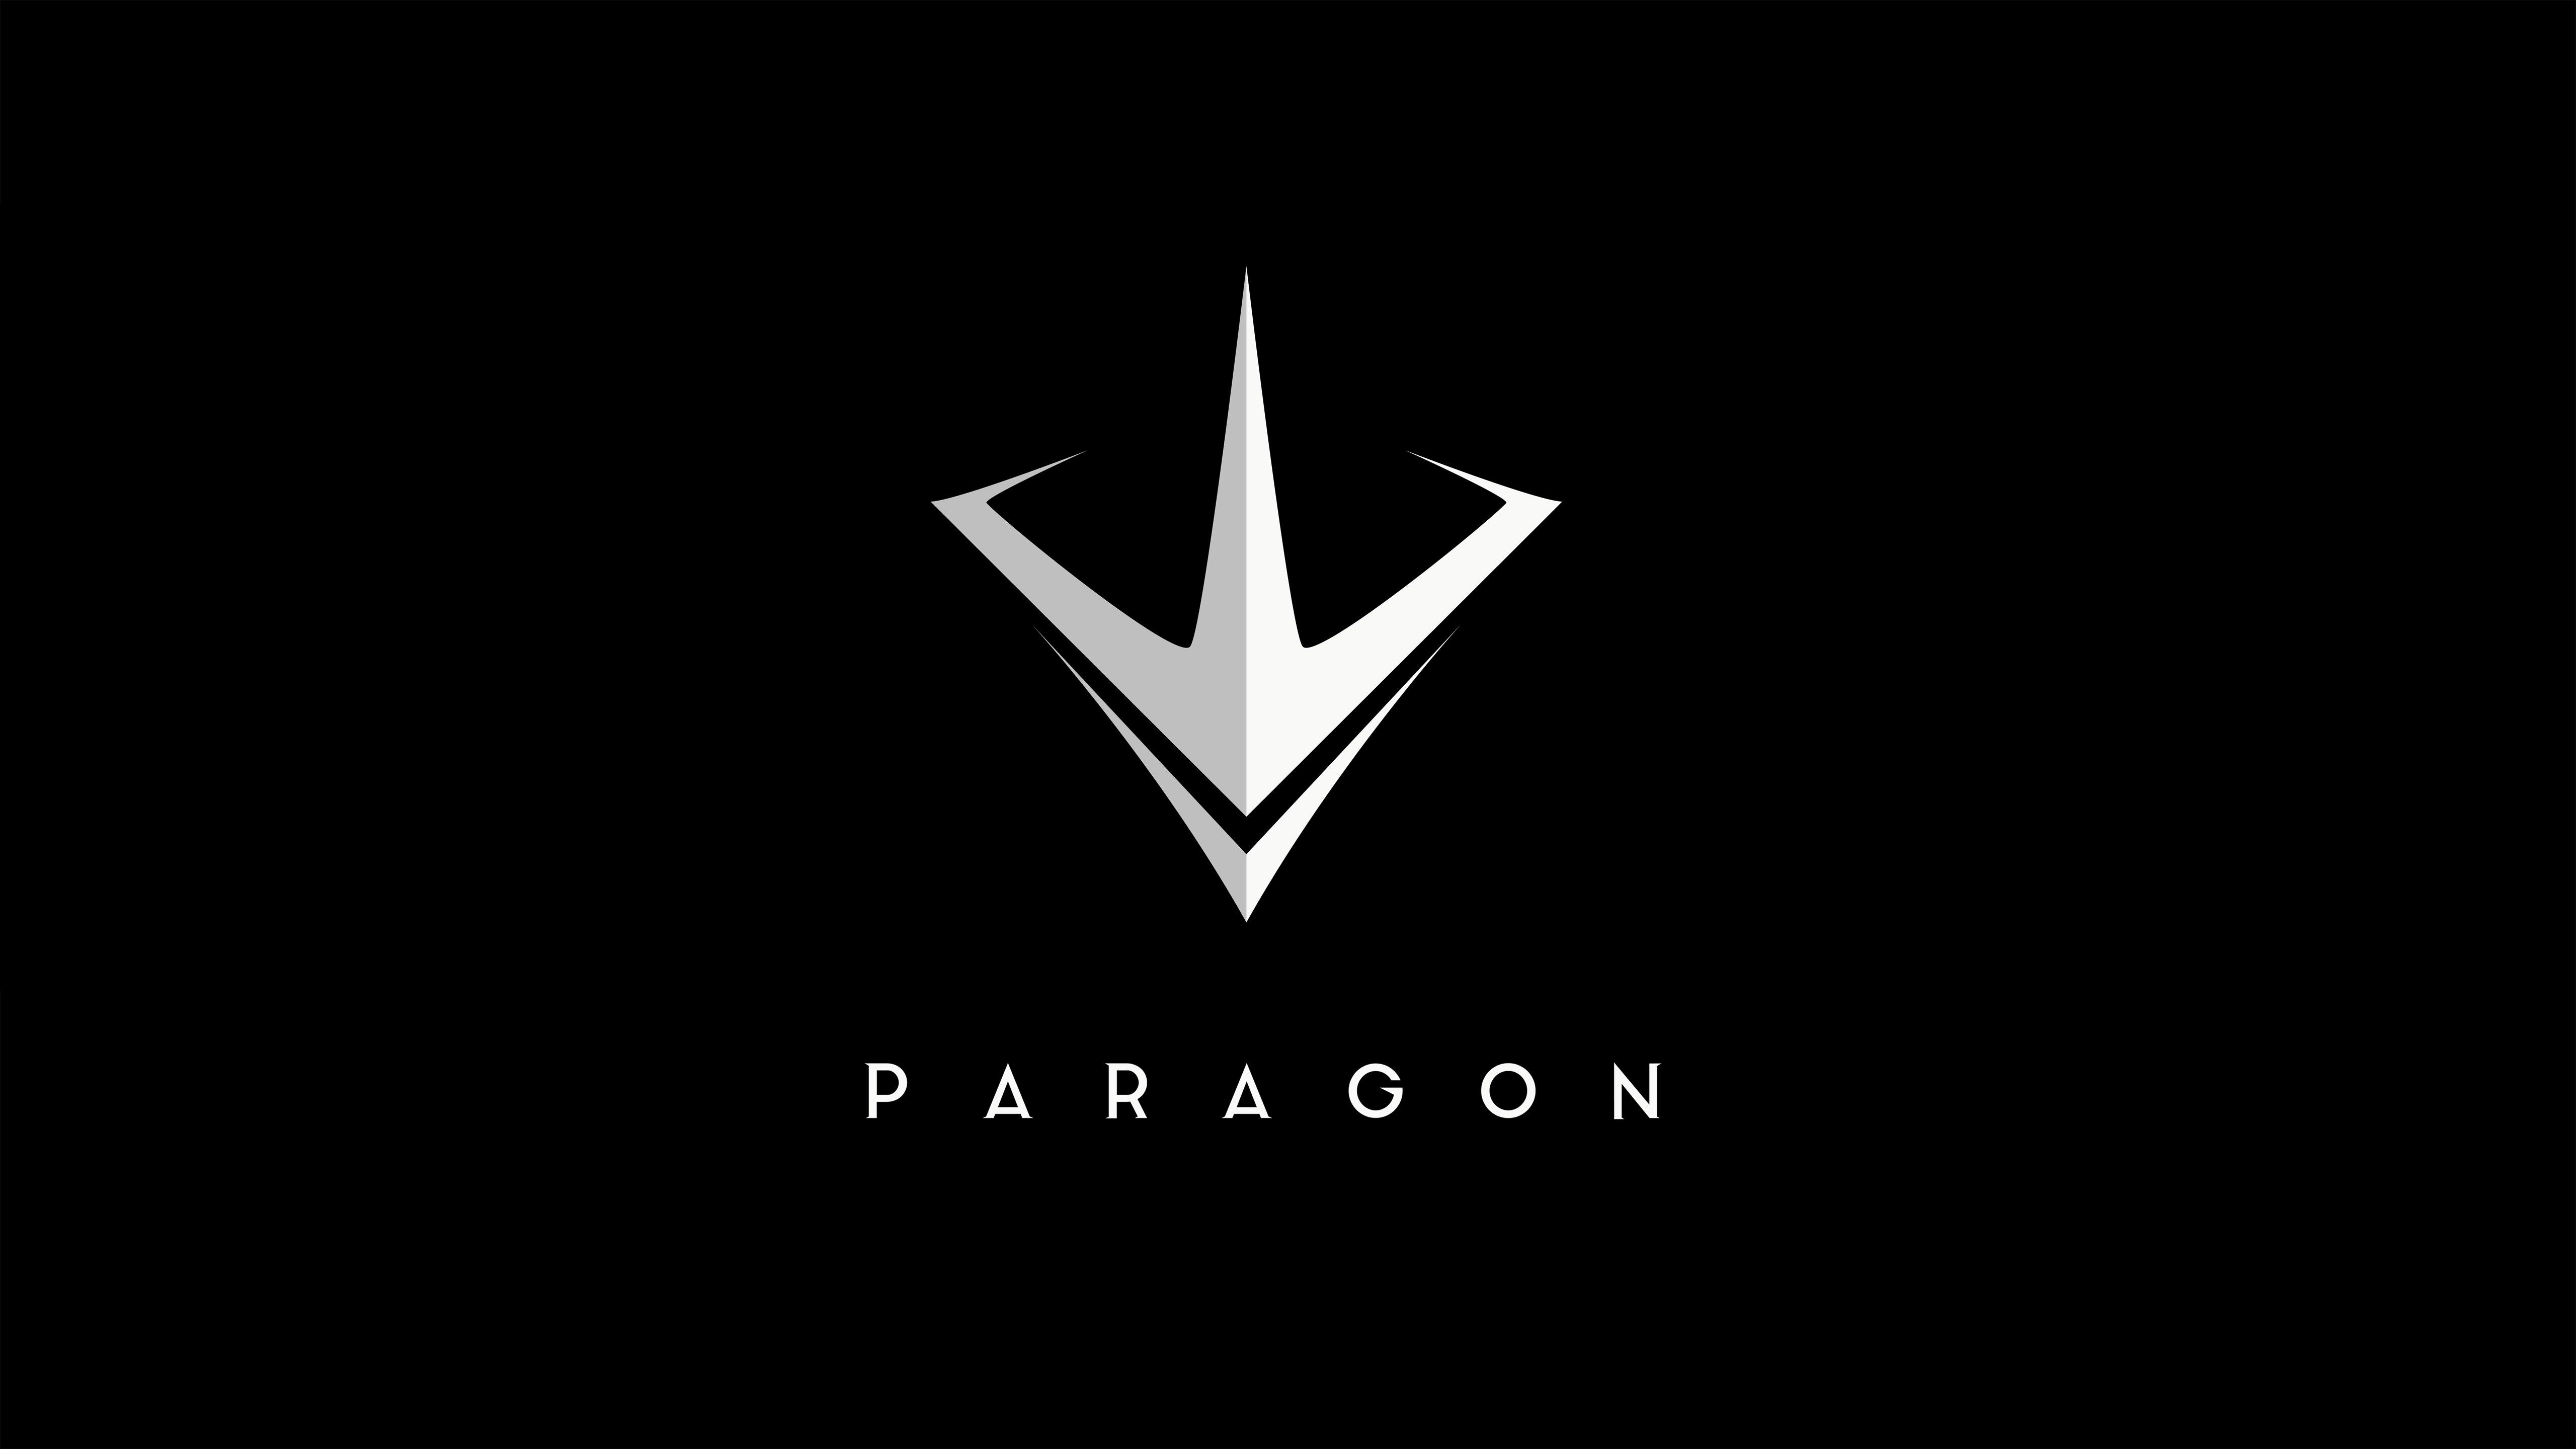 Must see Wallpaper Logo Huawei - paragon-logo-5k-d8  2018_45618.jpg